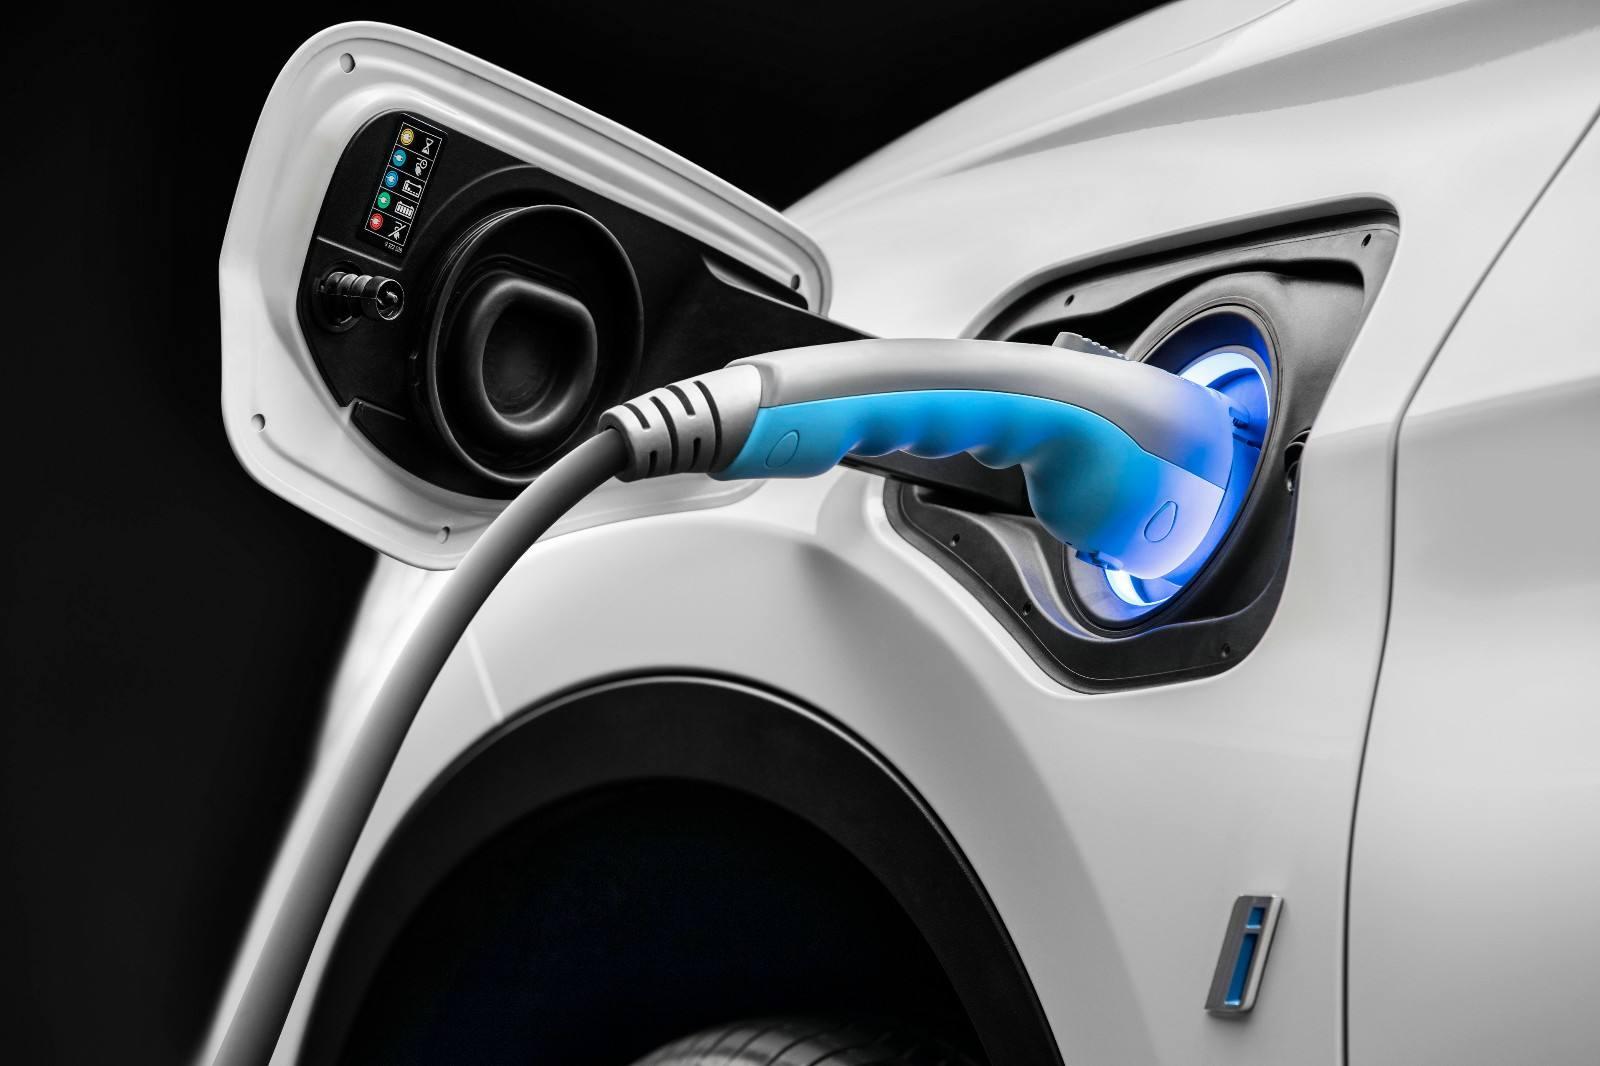 插电式混合动力汽车有补贴吗 插电式是一个好选择吗